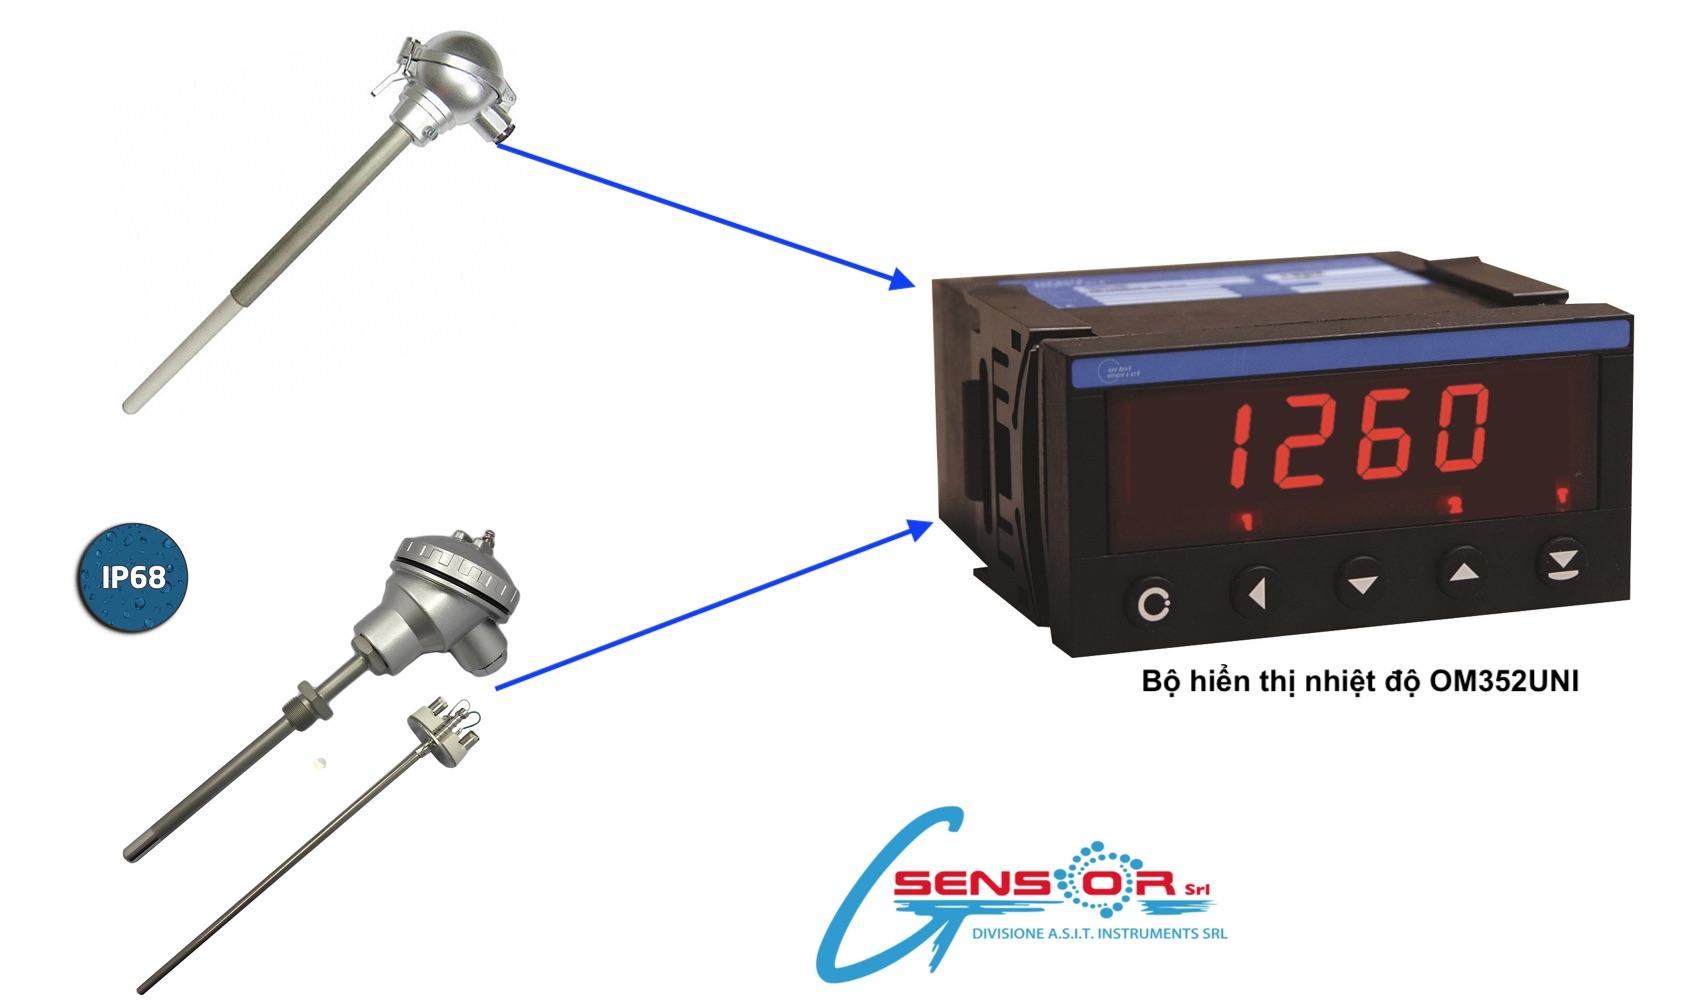 Bộ hiển thị nhiệt độ OM352UNI